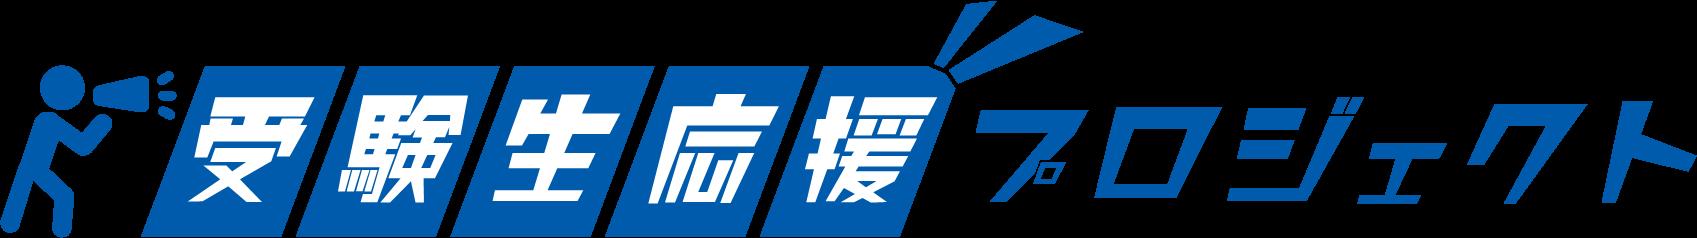 受験生応援プロジェクト_ロゴ